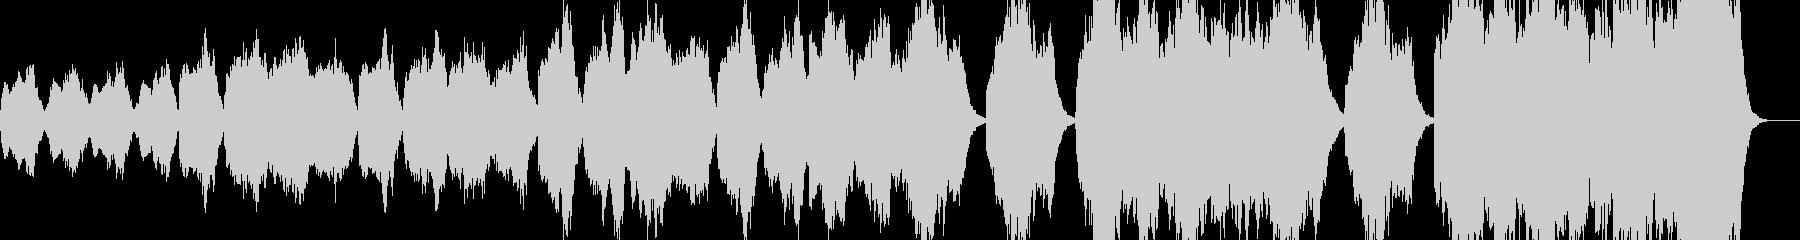 RPG 暗い森・深い森・森の番人の未再生の波形